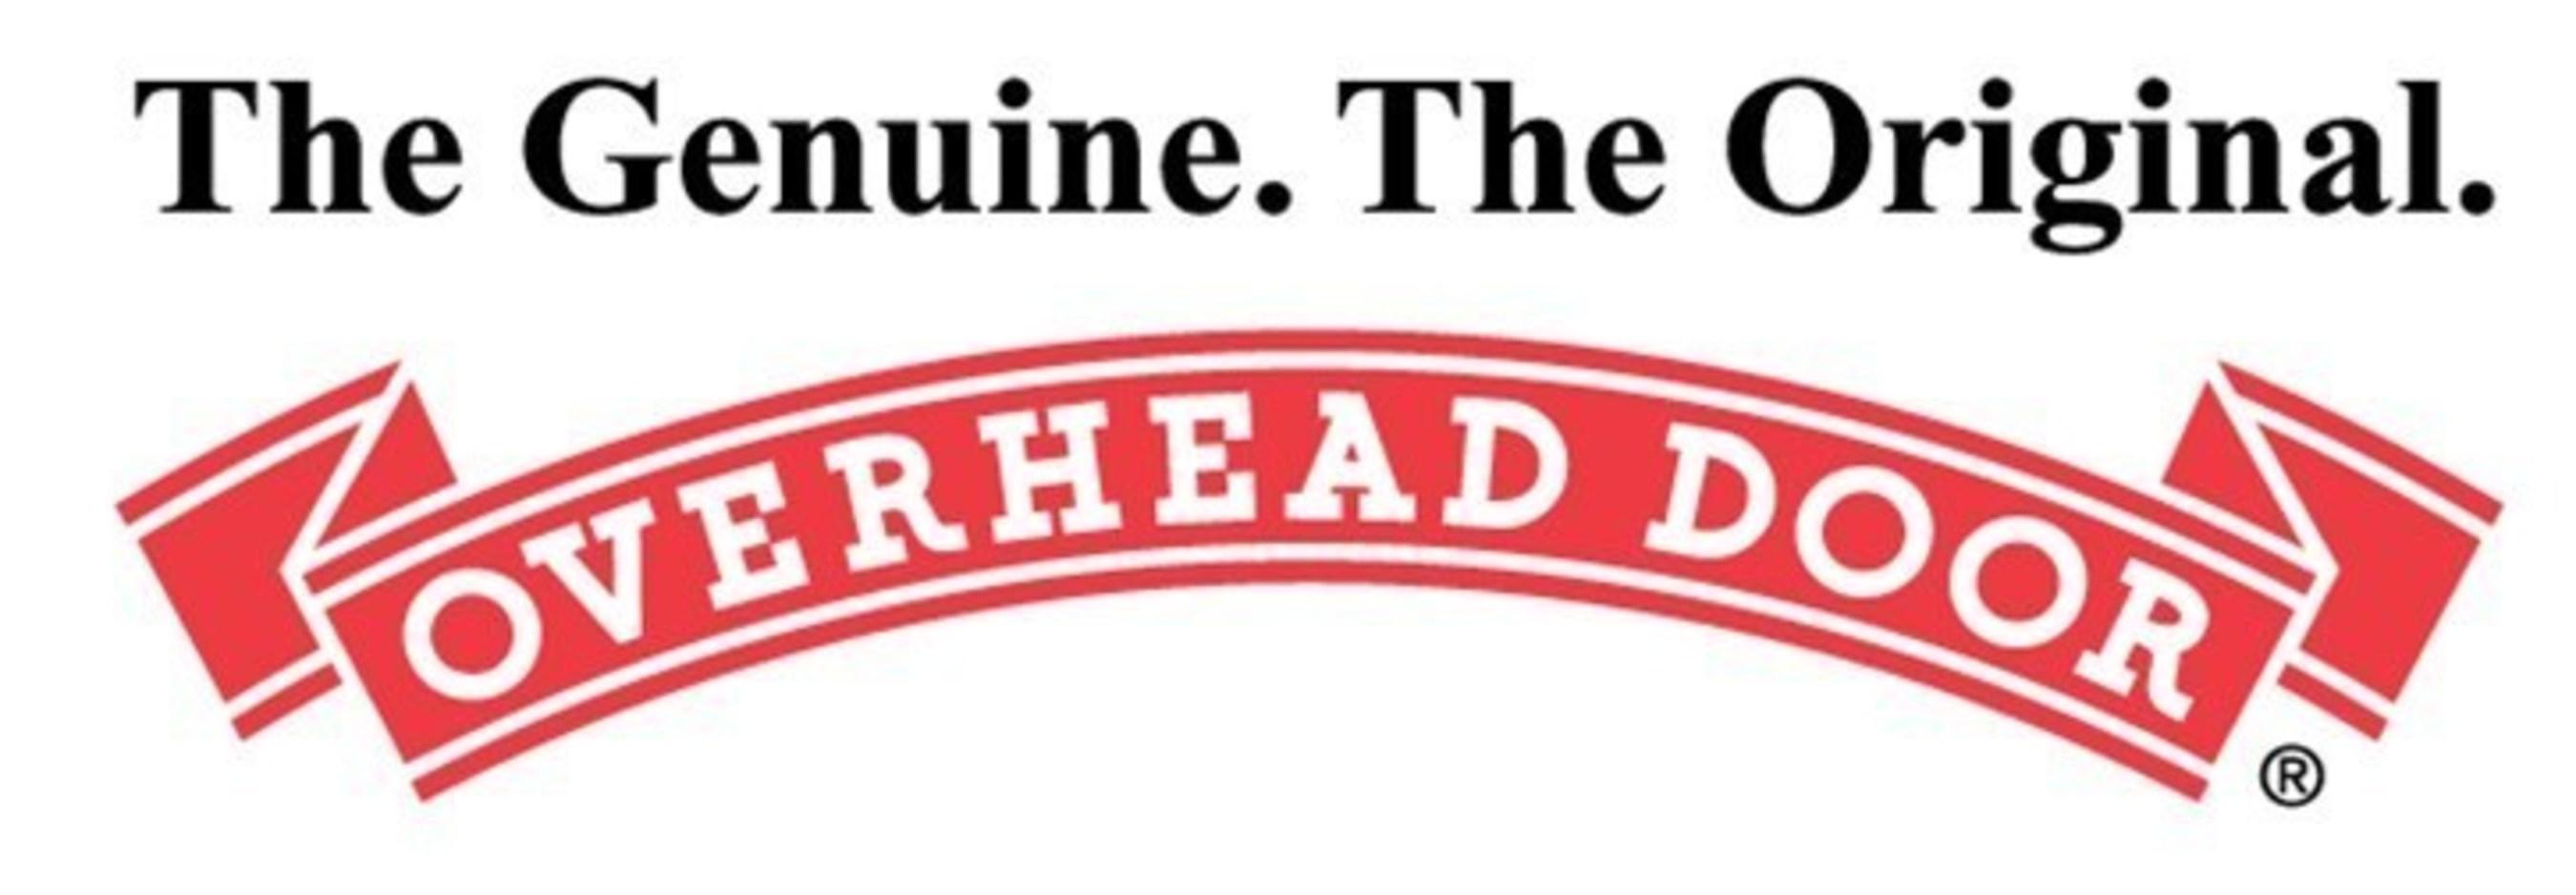 Merveilleux Overhead Door Corporation Logo